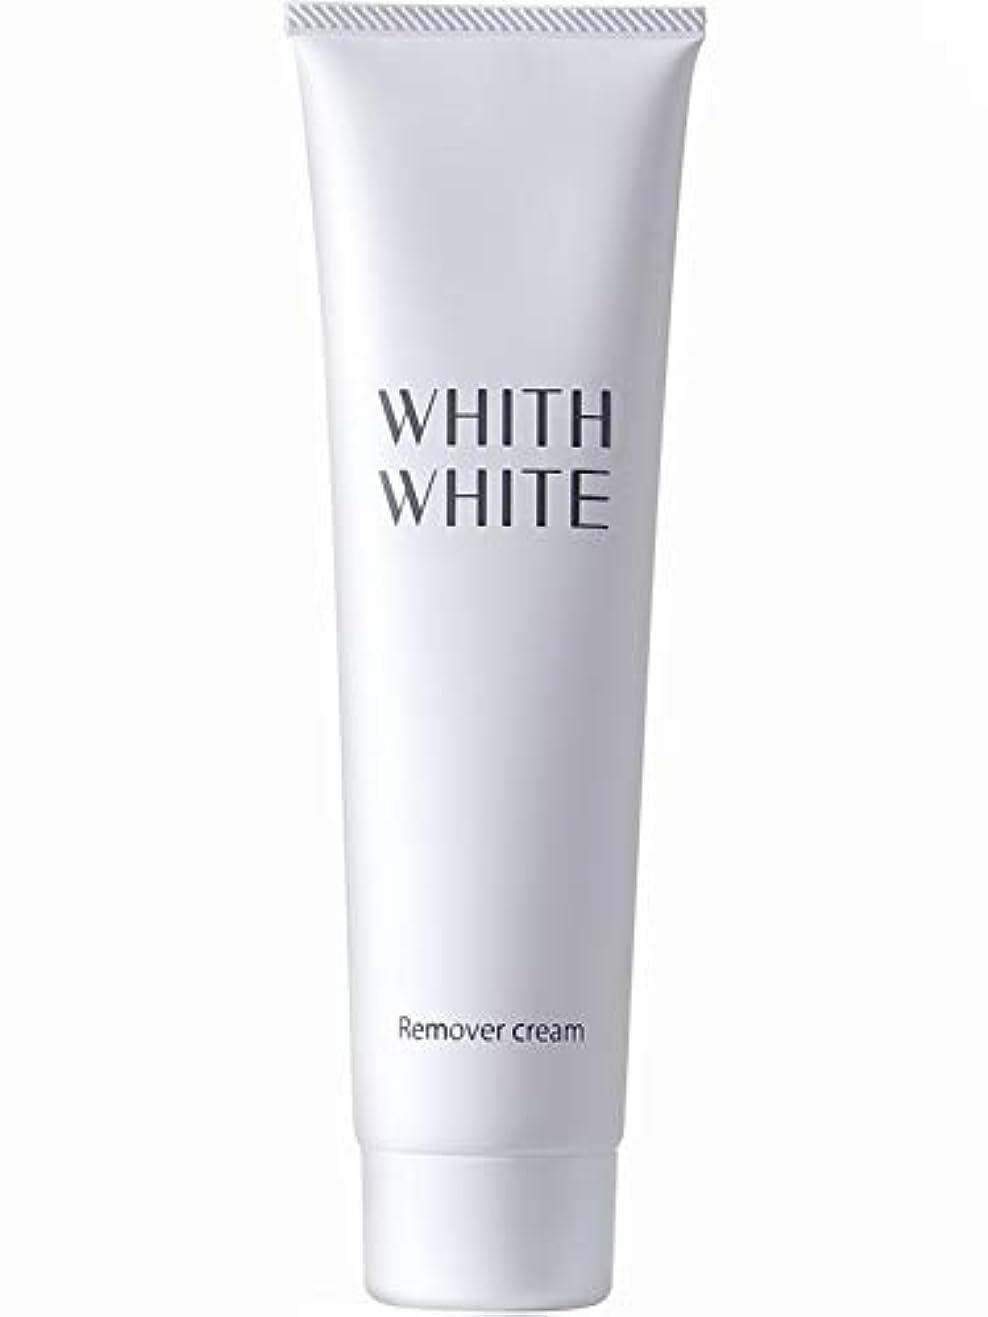 行商人ピッチポンペイ【医薬部外品】 WHITH WHITE(フィス ホワイト) 除毛クリーム 150g 陰部 使用可能